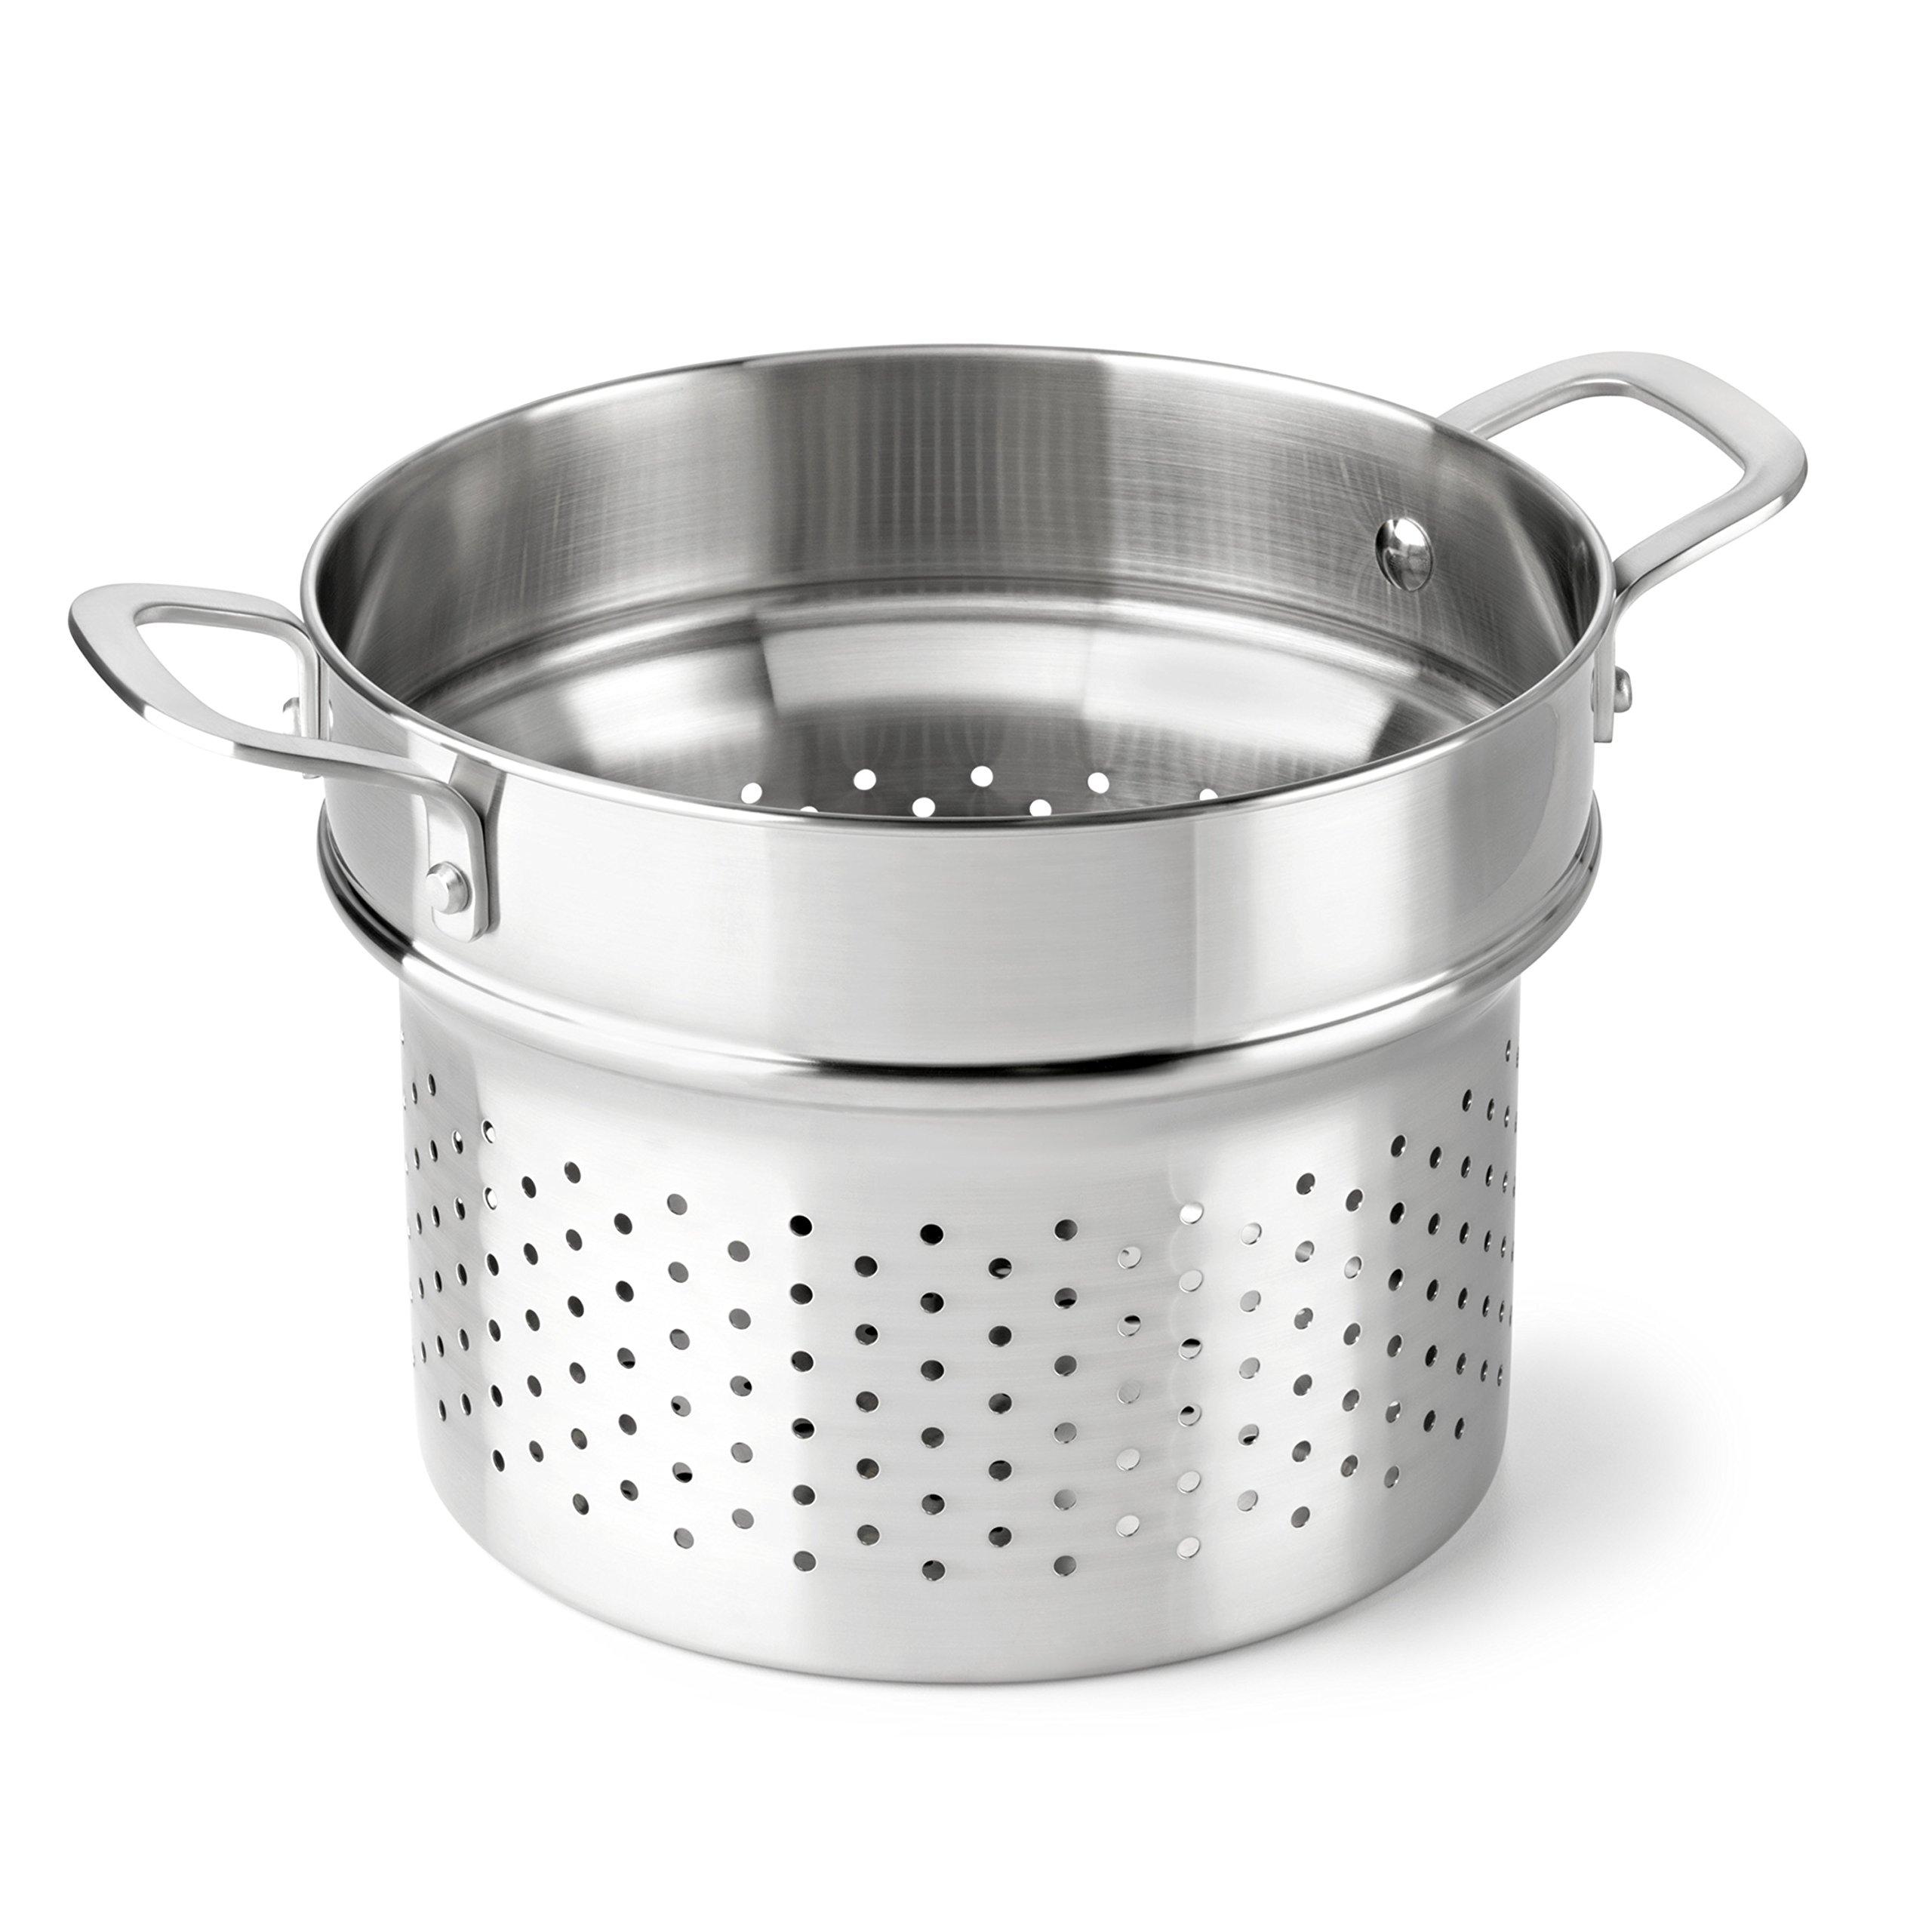 Calphalon Classic Stainless Steel Cookware, Steamer Insert, 6-quart to 8-quart